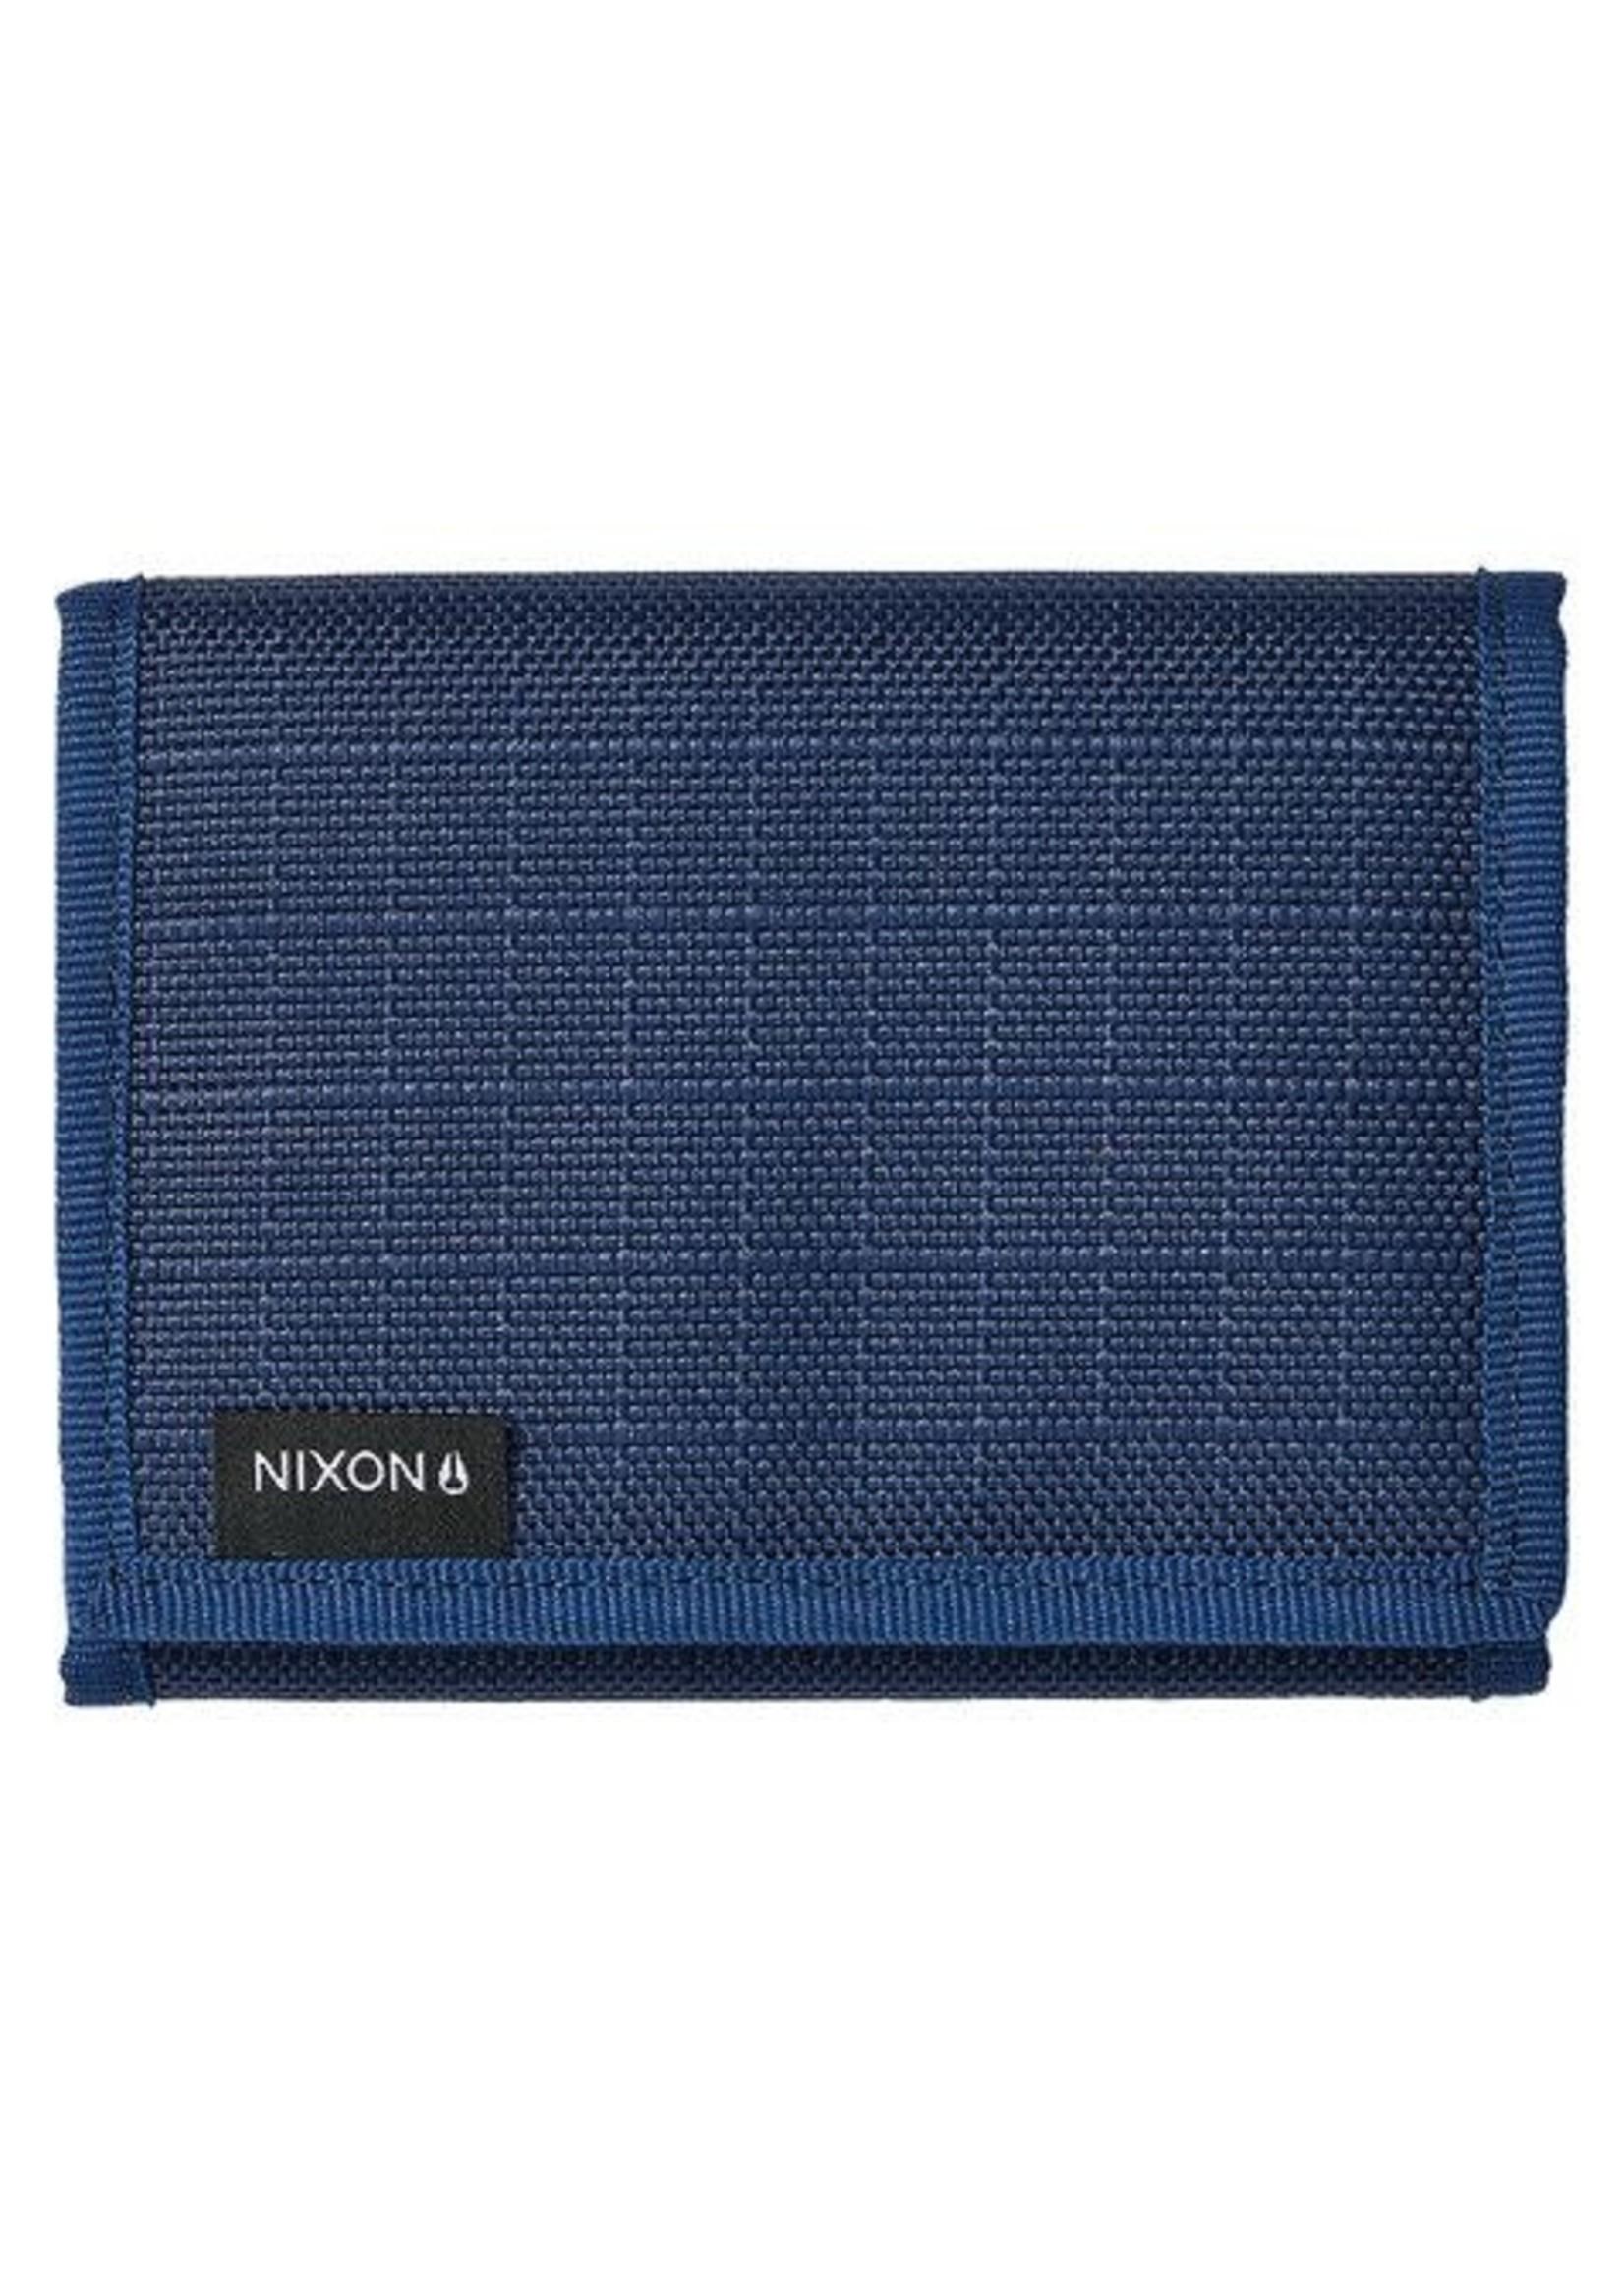 NIXON Gnar Wallet